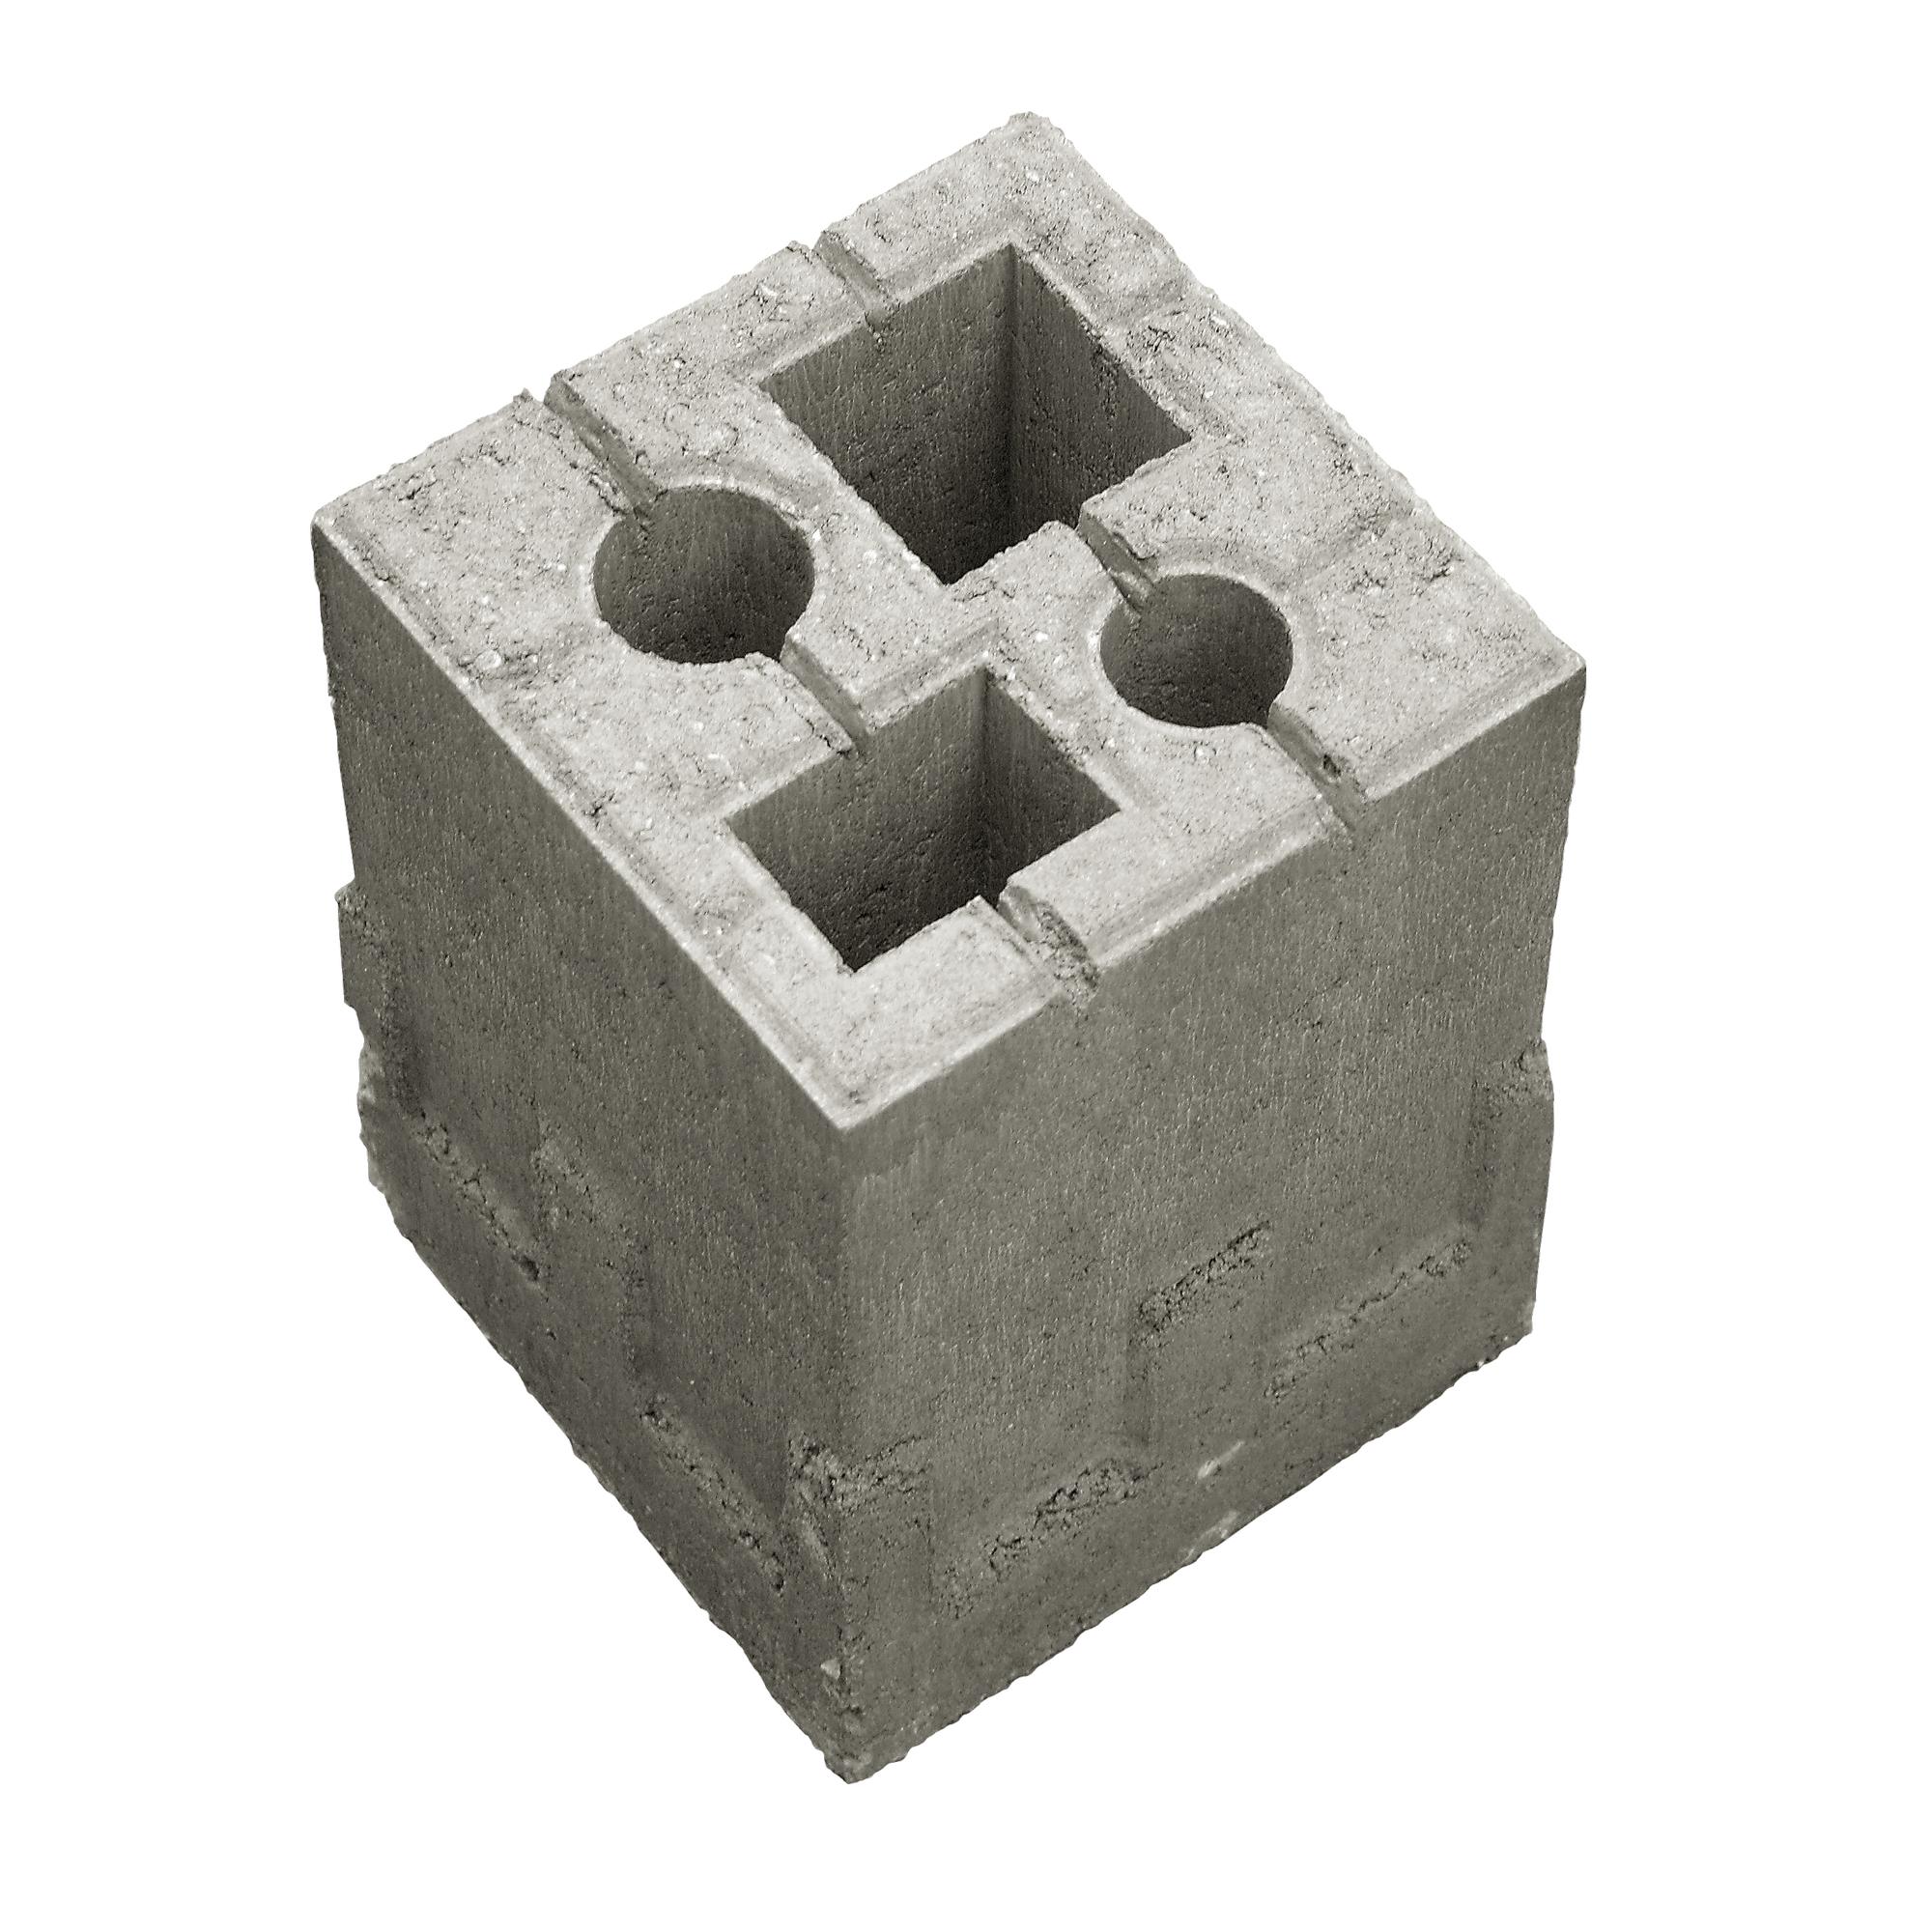 Zaun Fundament Stein 19 X 19 X 25 Cm ǀ Toom Baumarkt